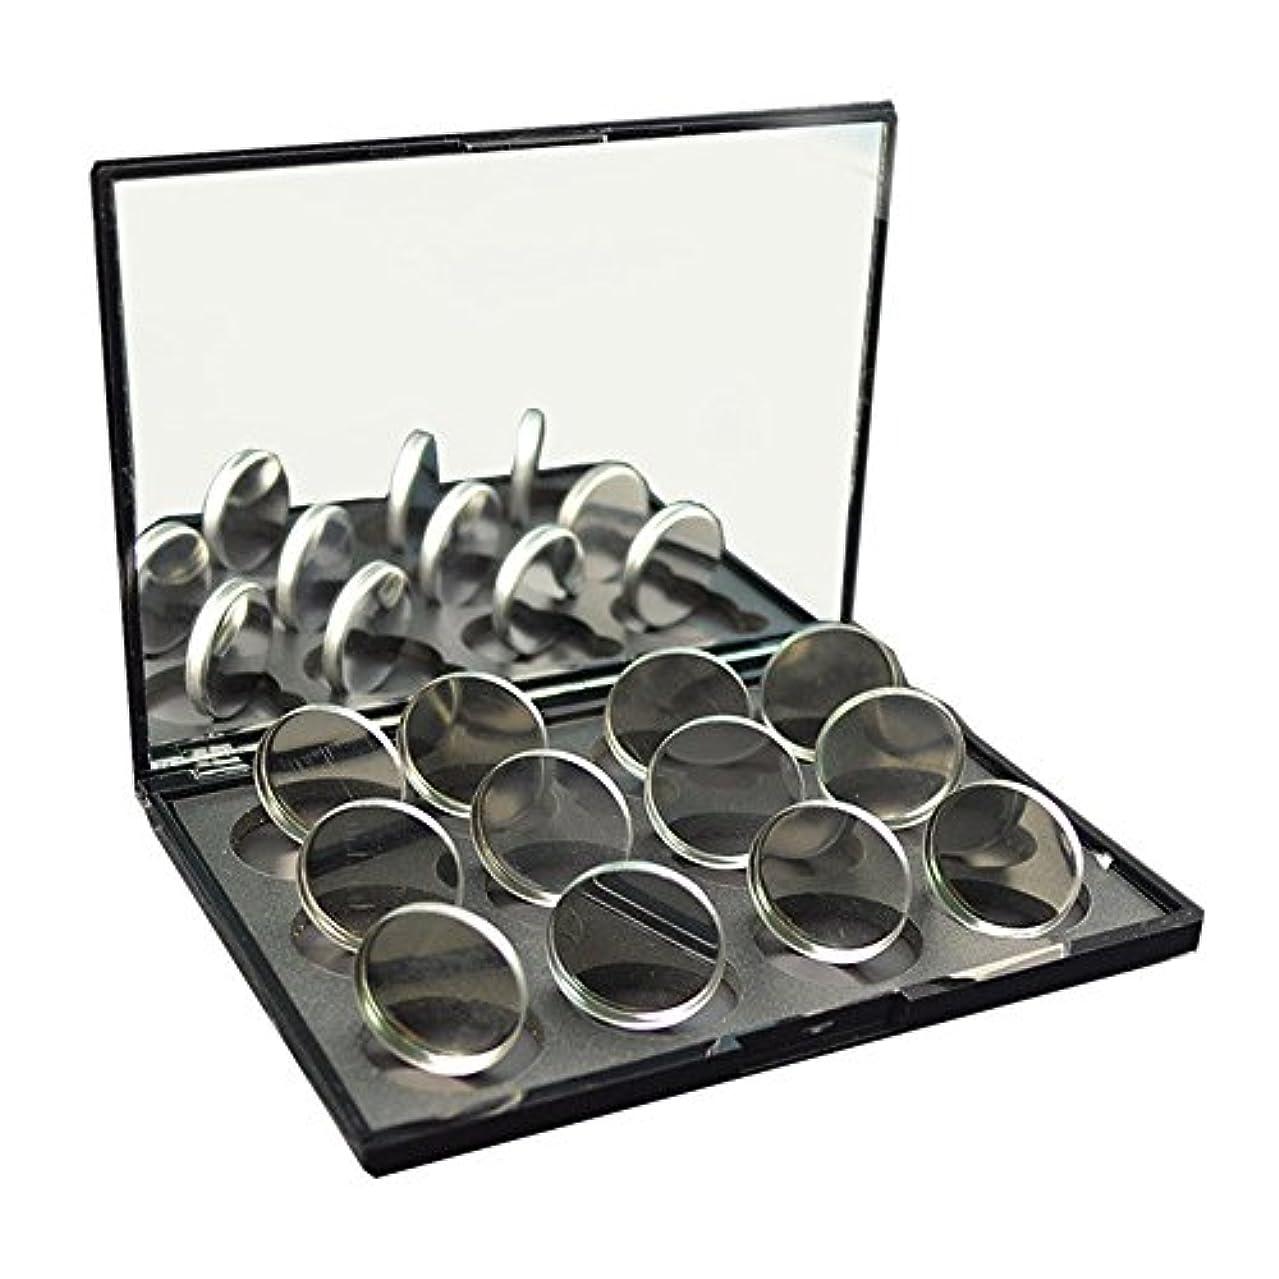 苦い崩壊シティ磁石に敏感な粉のアイシャドウ26mmのための100pcs空の円形の錫鍋